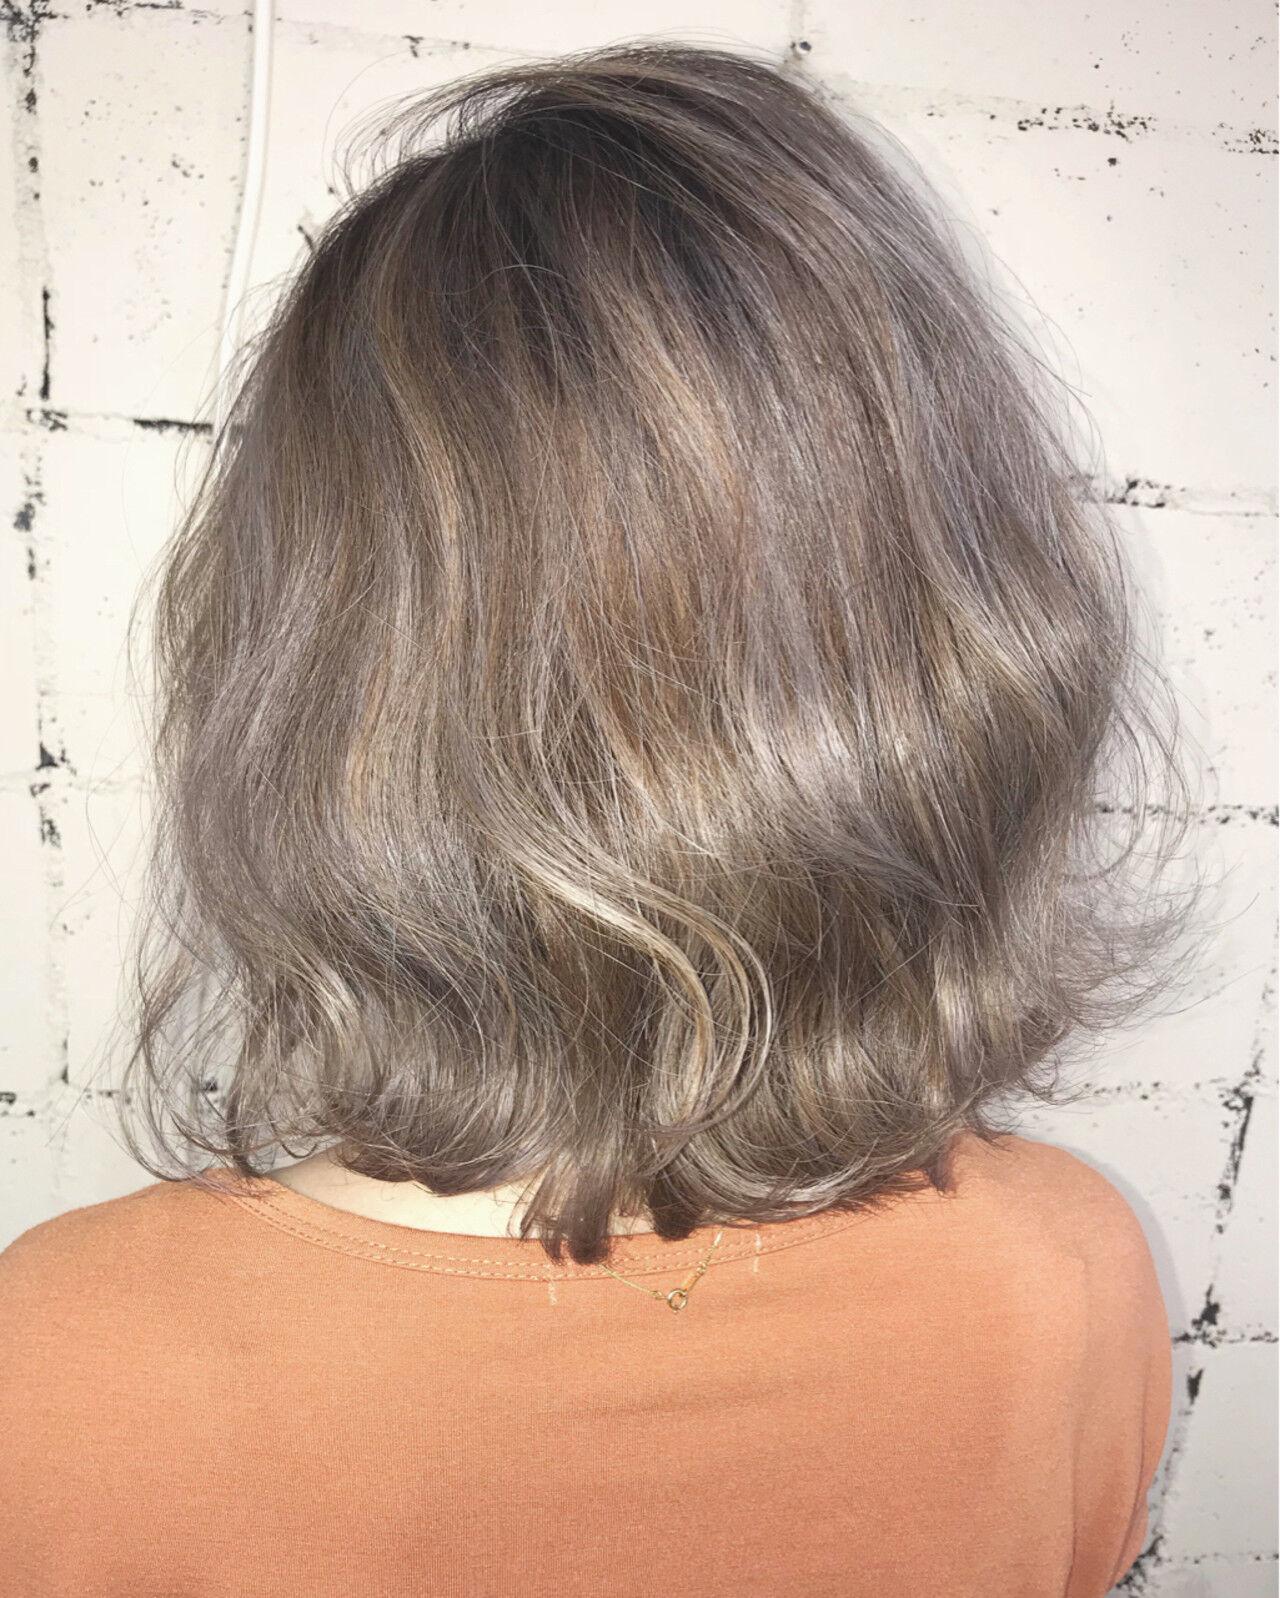 外国人風 ミルクティーベージュ 透明感 フェミニンヘアスタイルや髪型の写真・画像